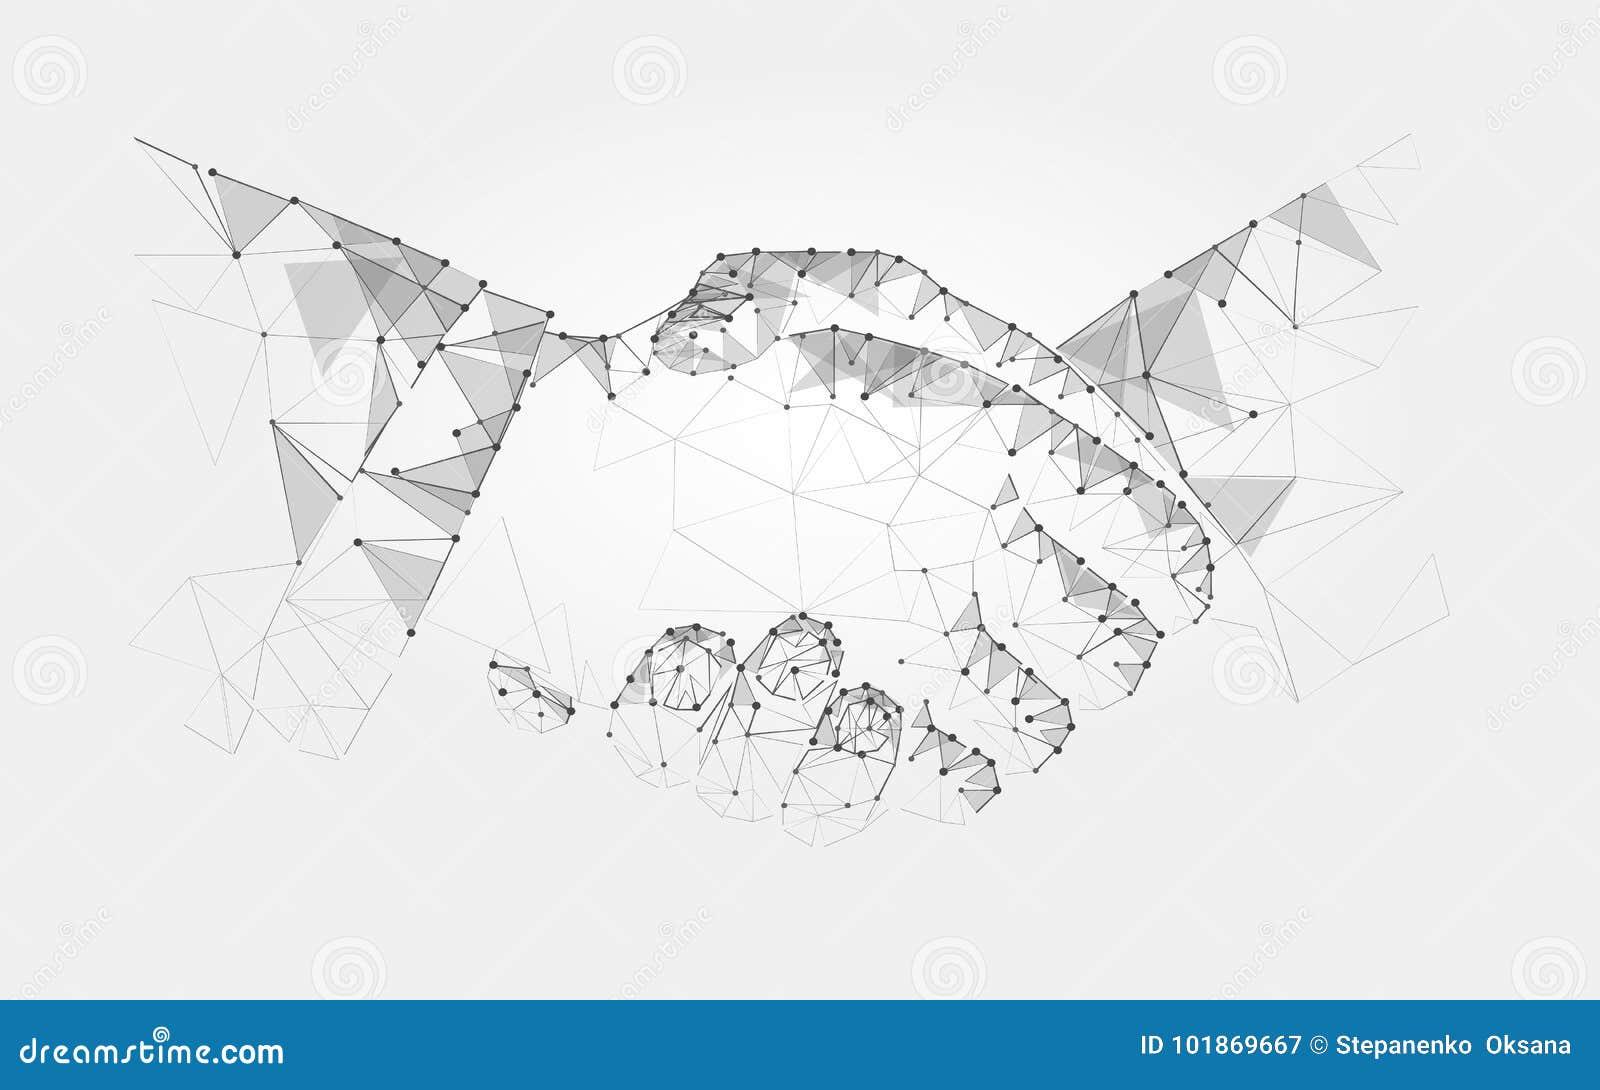 Polygonal χαμηλό πολυ συμφωνητικό σύμβασης χειραψιών δύο χεριών μονοχρωματικό για ένα ελαφρύ υπόβαθρο διάνυσμα